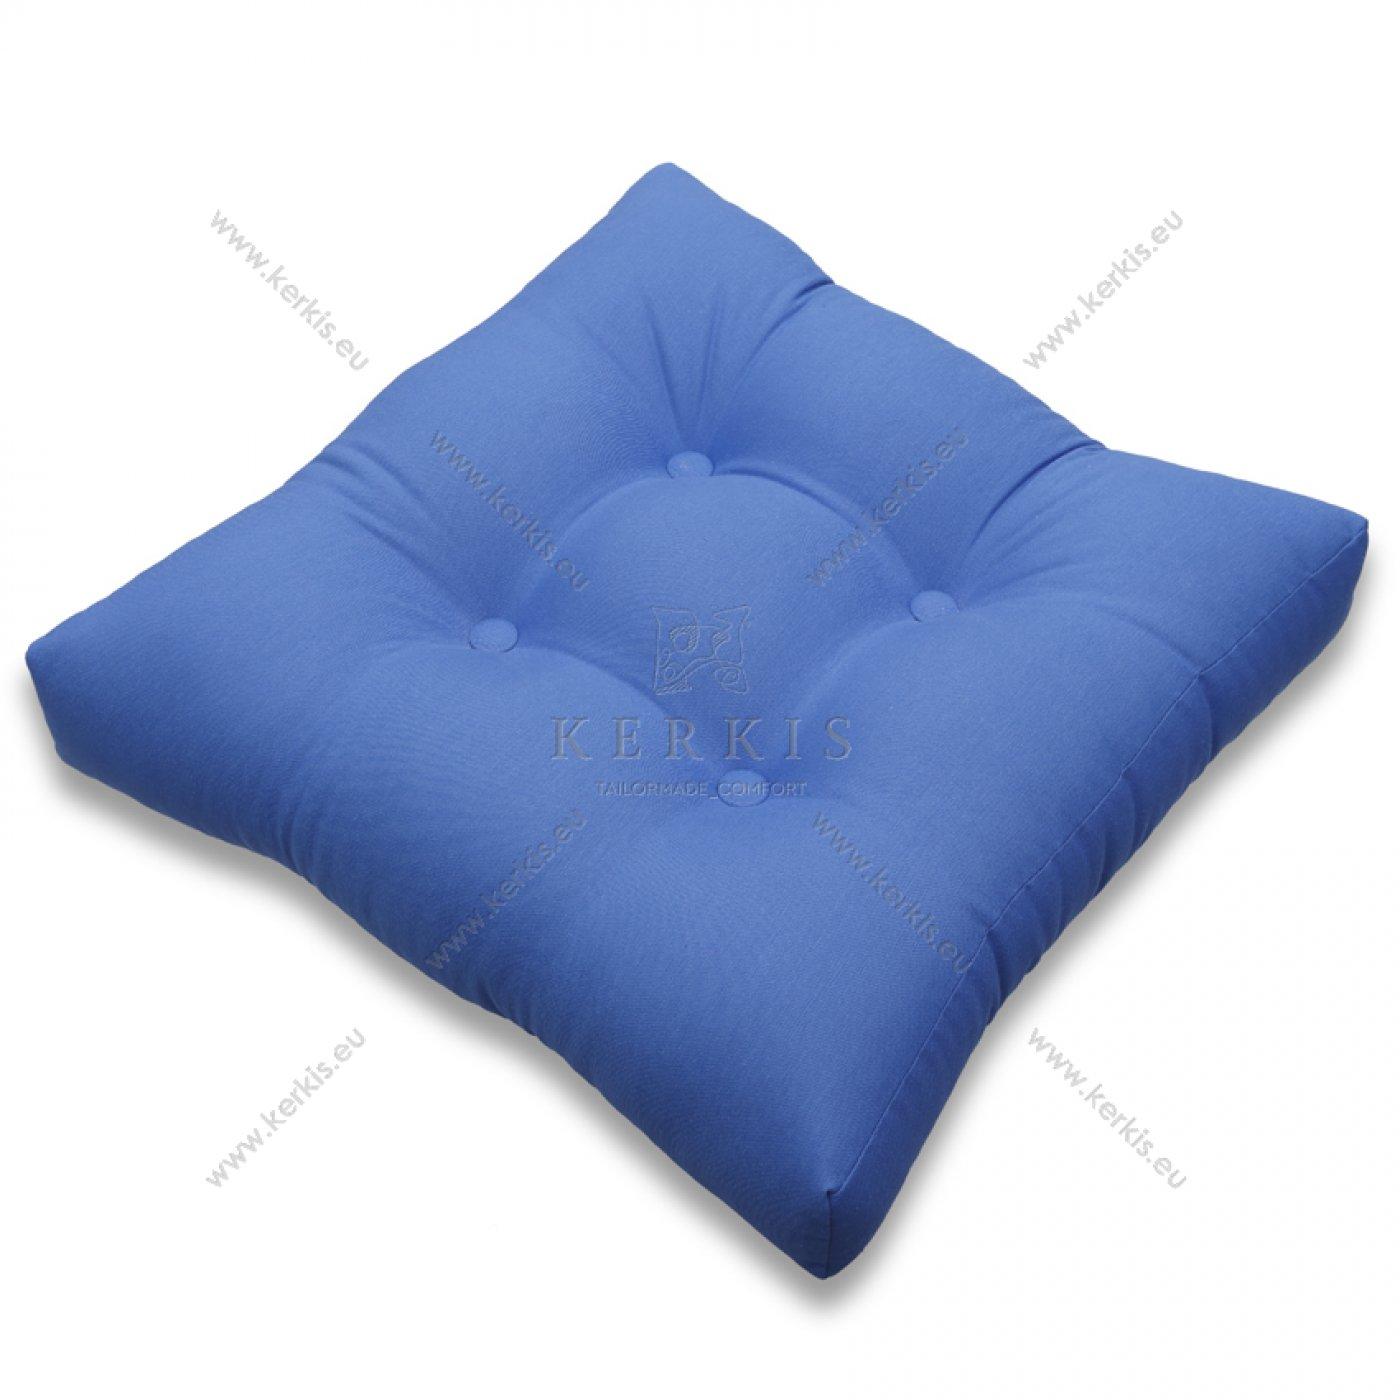 Μαξιλάρι με διακοσμητικά κουμπιά μπλε